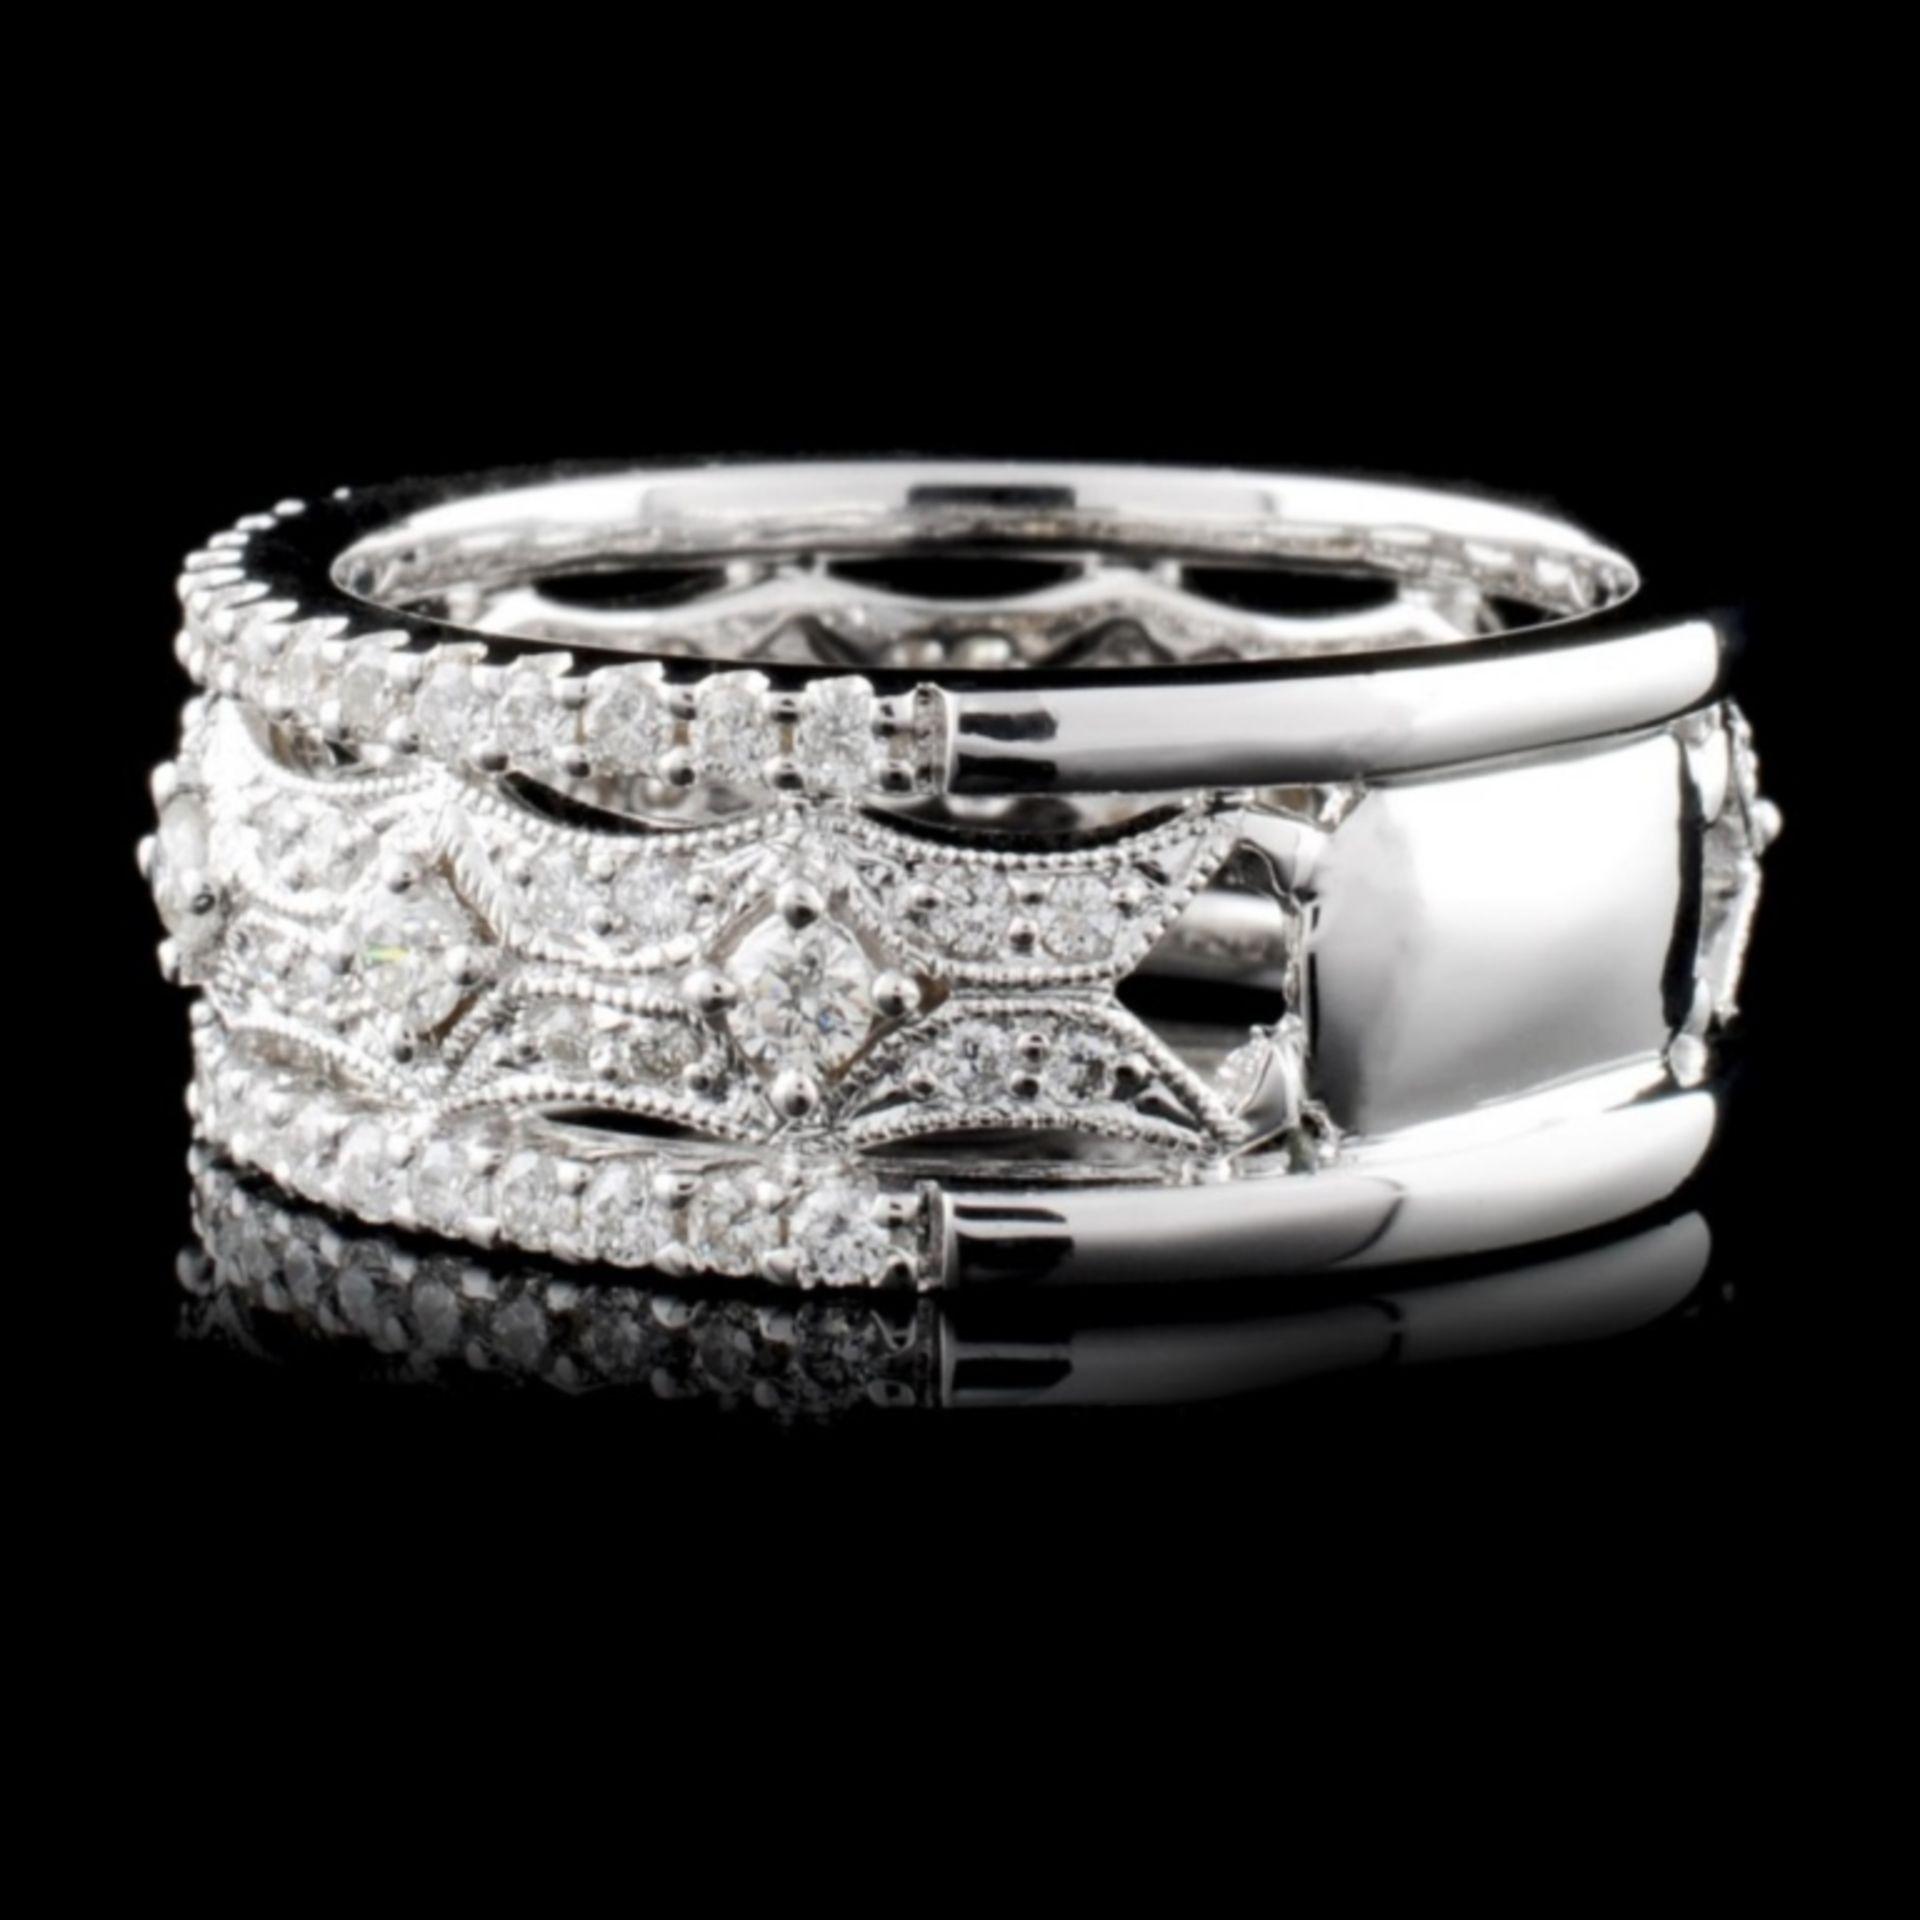 18K White Gold 1.03ct Diamond Ring - Image 3 of 4